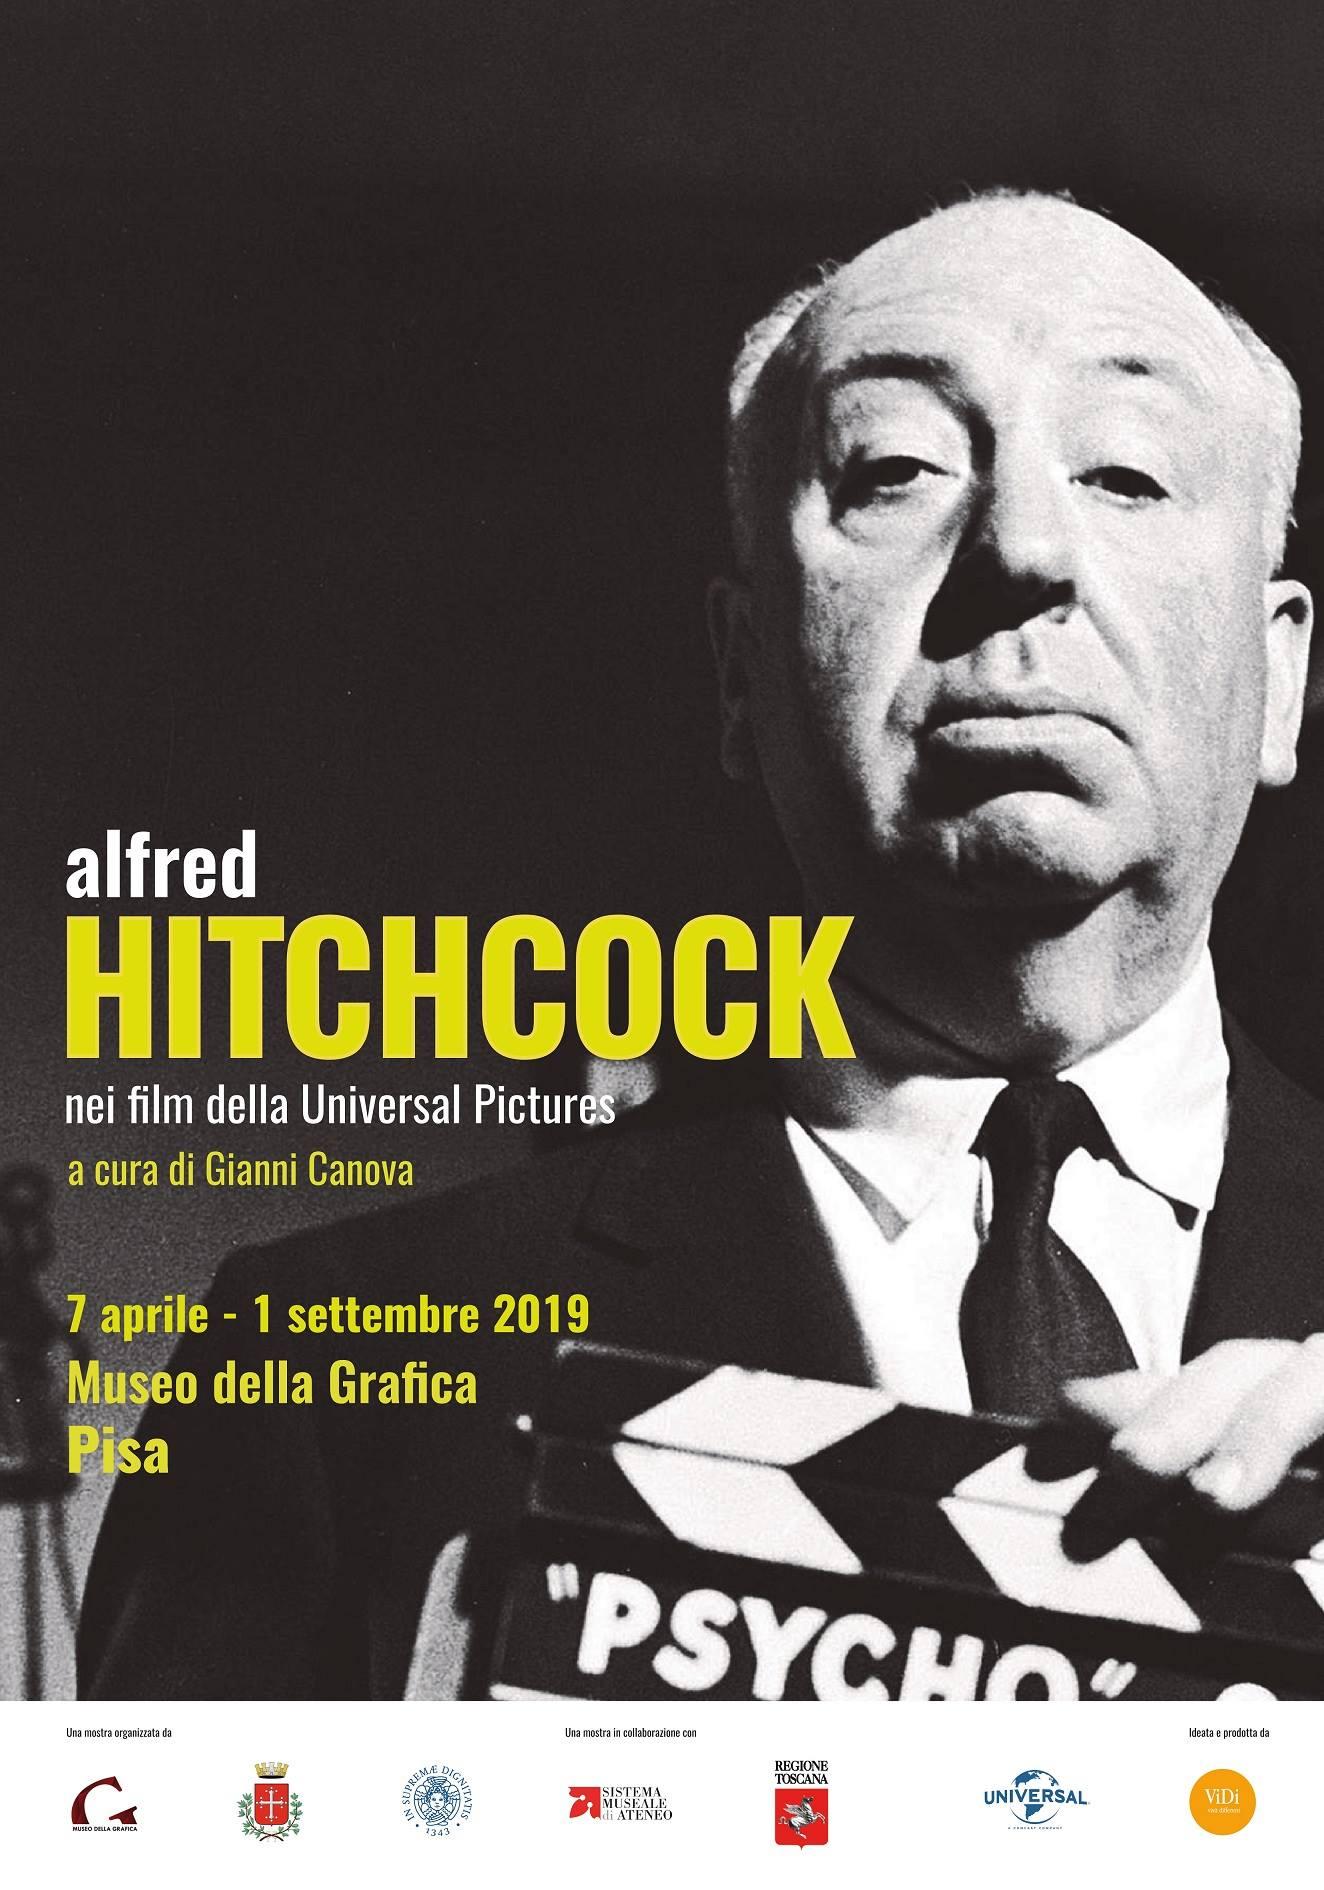 Rivivi Le Mostre Alfred Hitchcock Nei Film Della Universal Pictures 7 Aprile 1 Settembre 2019 Museo Della Grafica Di Pisa Palazzo Lanfranchi